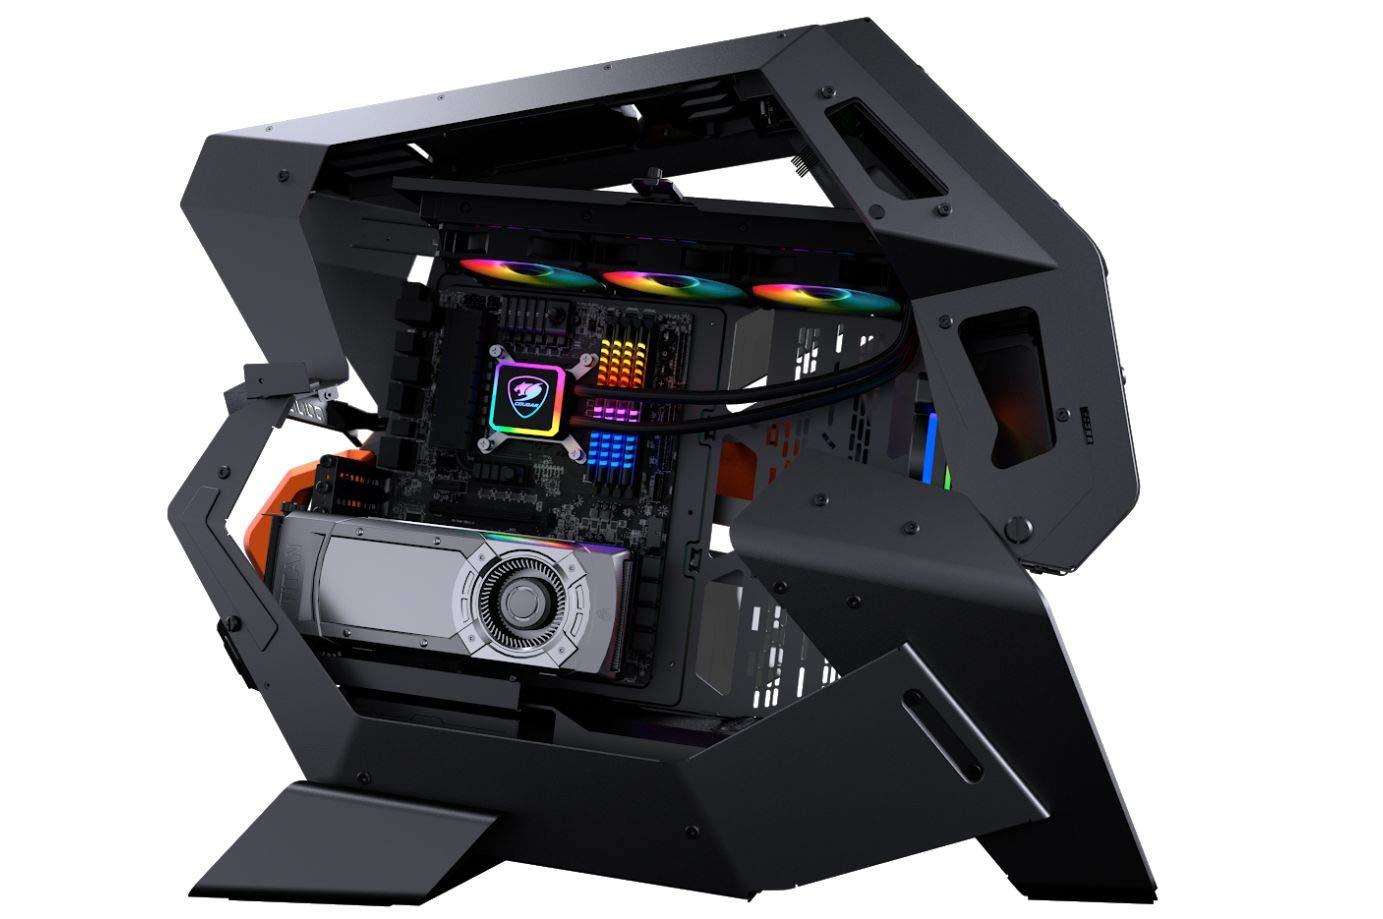 Cougar Conquer 2 All New Ultimate Gaming Caja de torre completa con exclusivo diseño de subchasis desmontable: Amazon.es: Electrónica